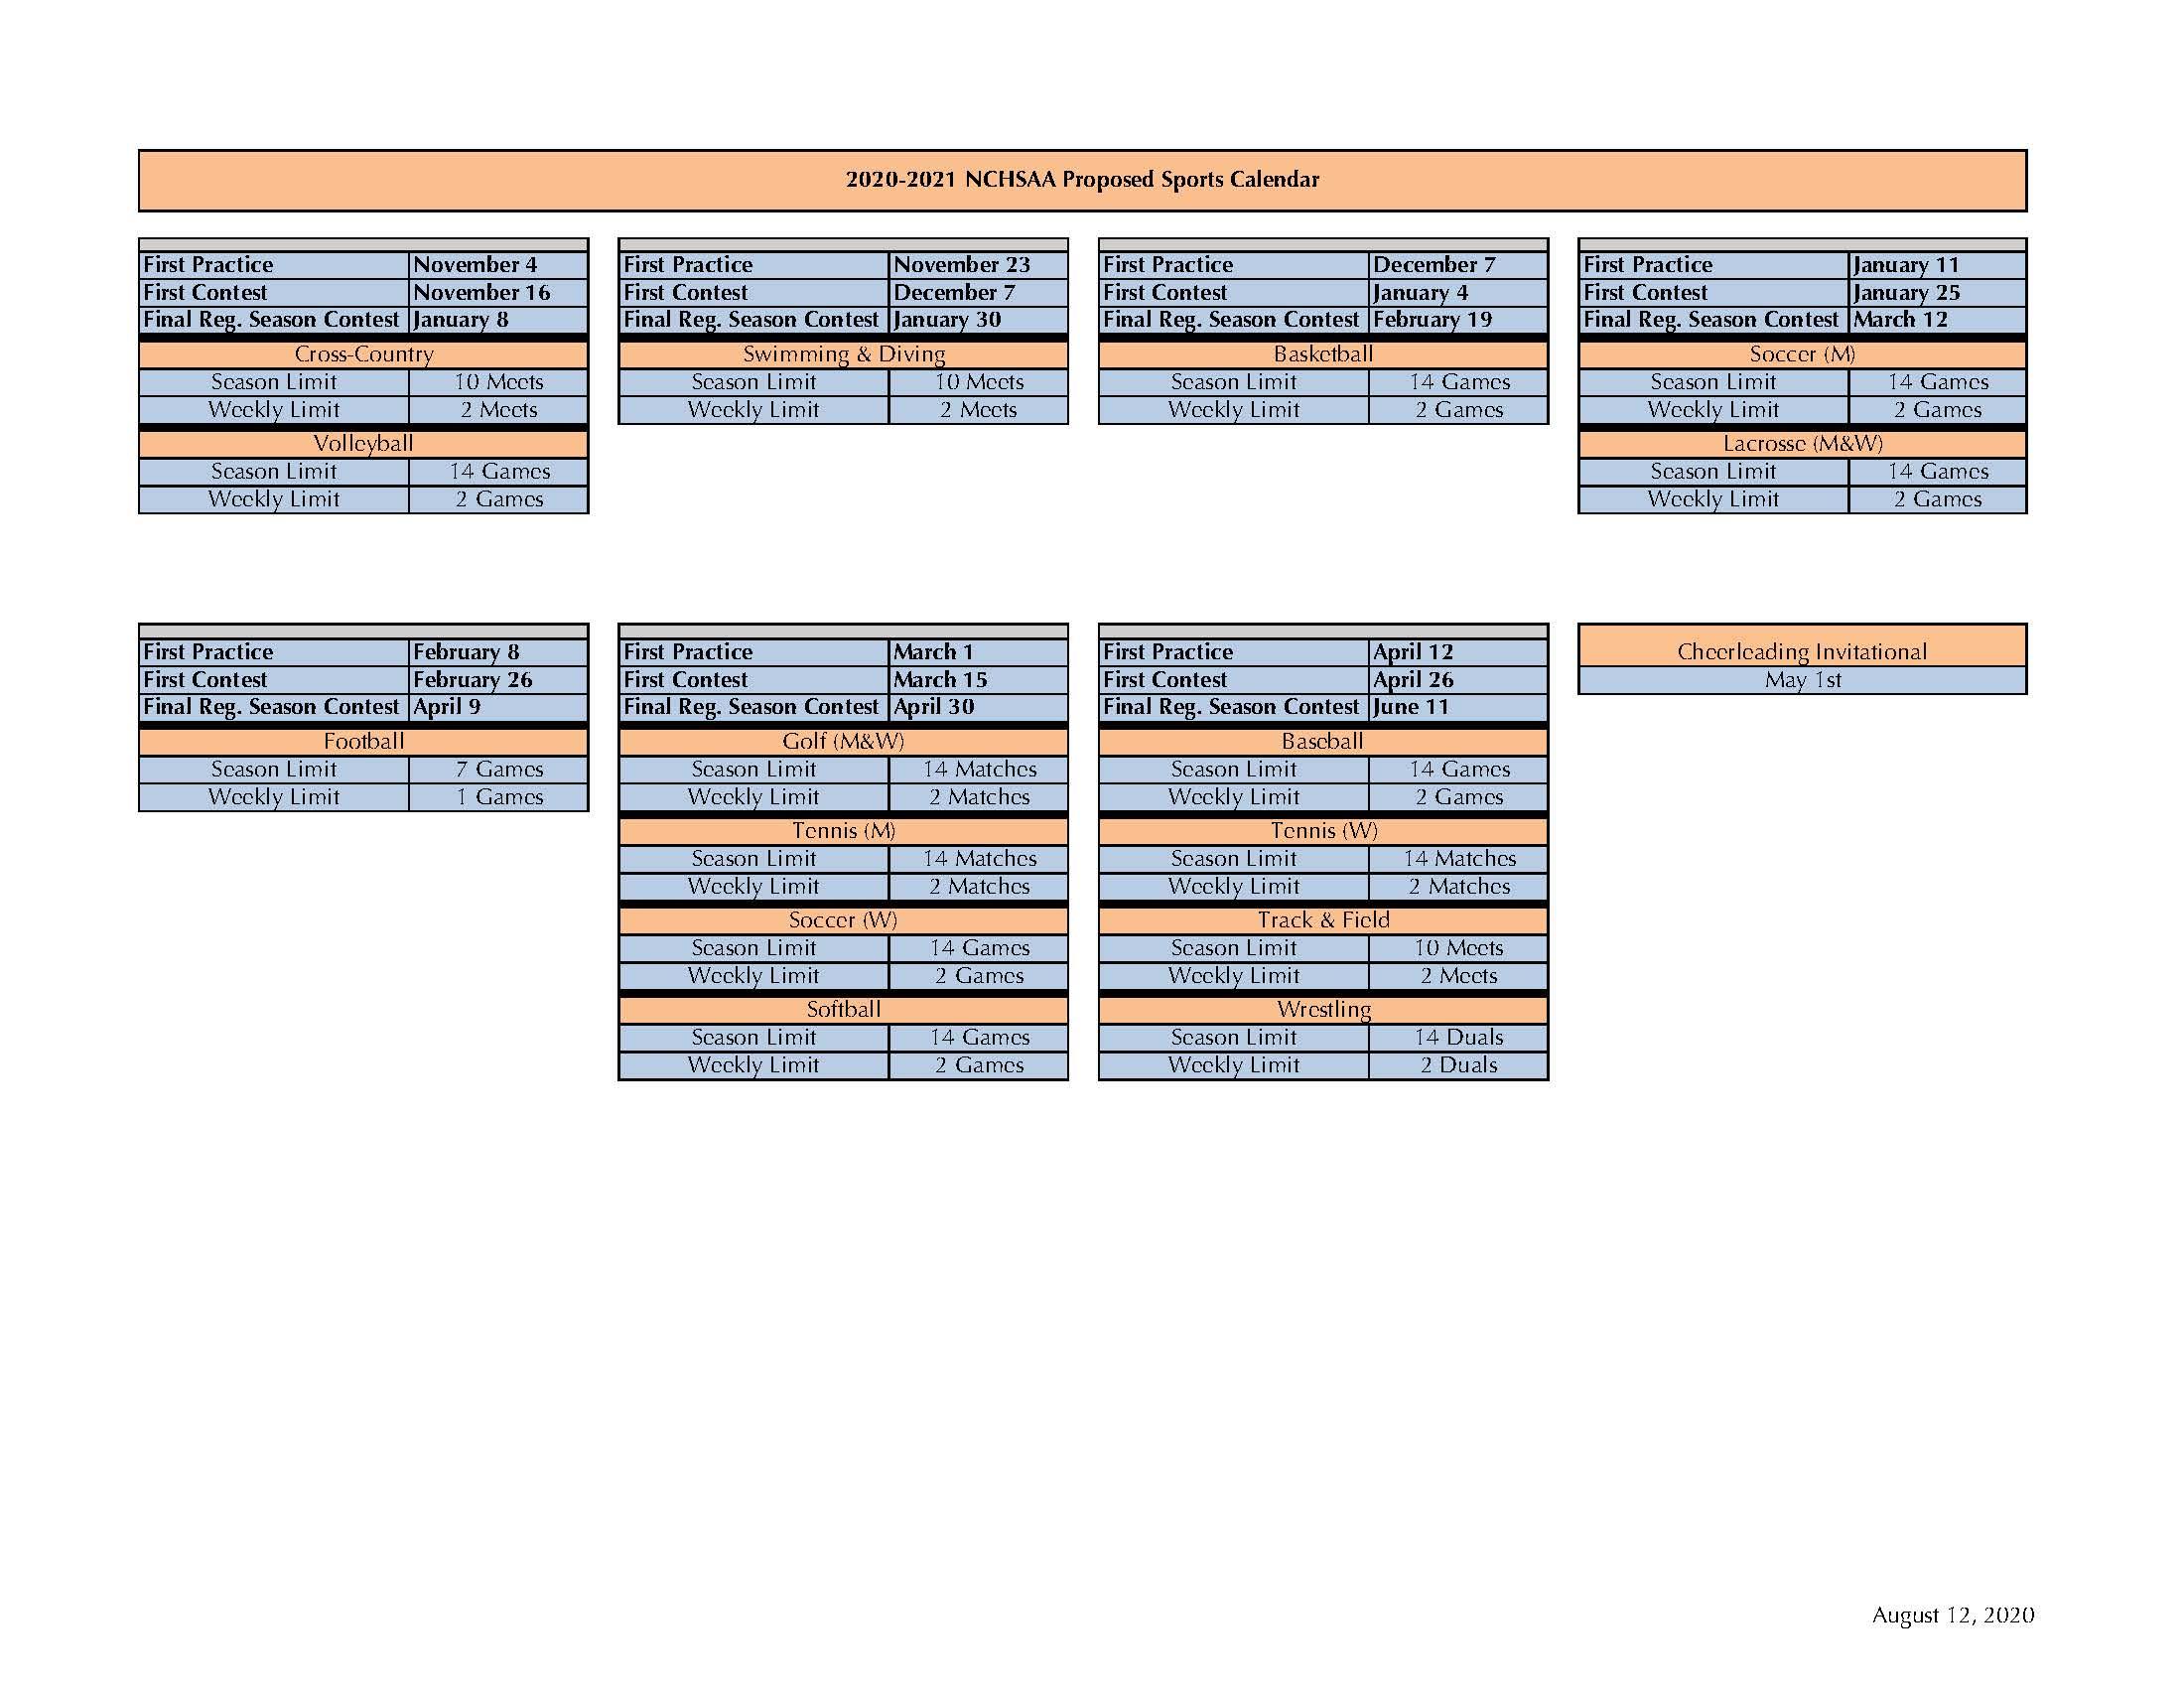 NCHSAA Calendar